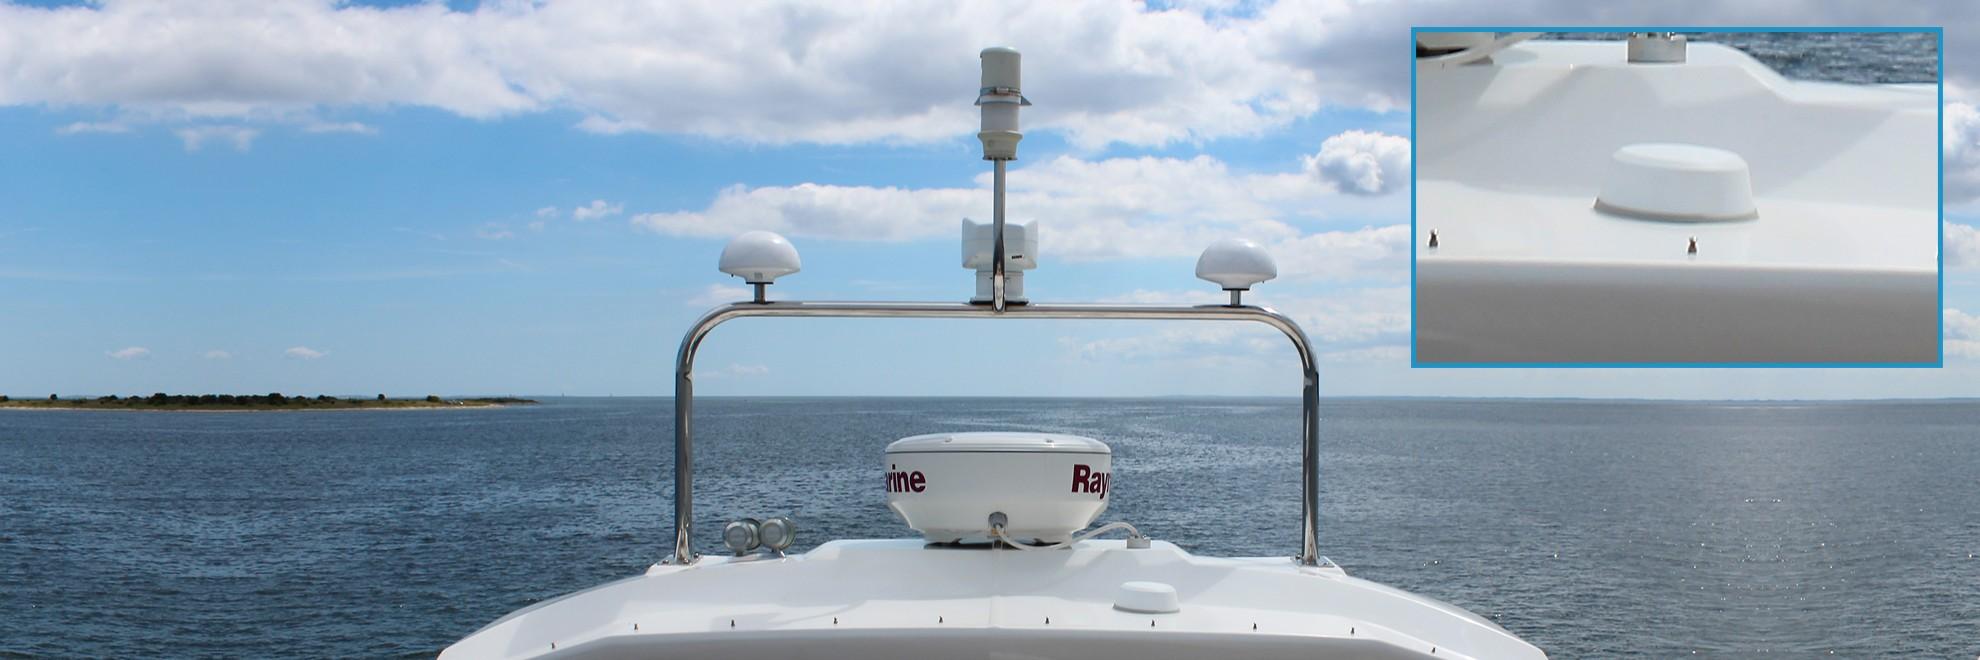 https://www.sat-com.dk/tertek-internet-antenne-104